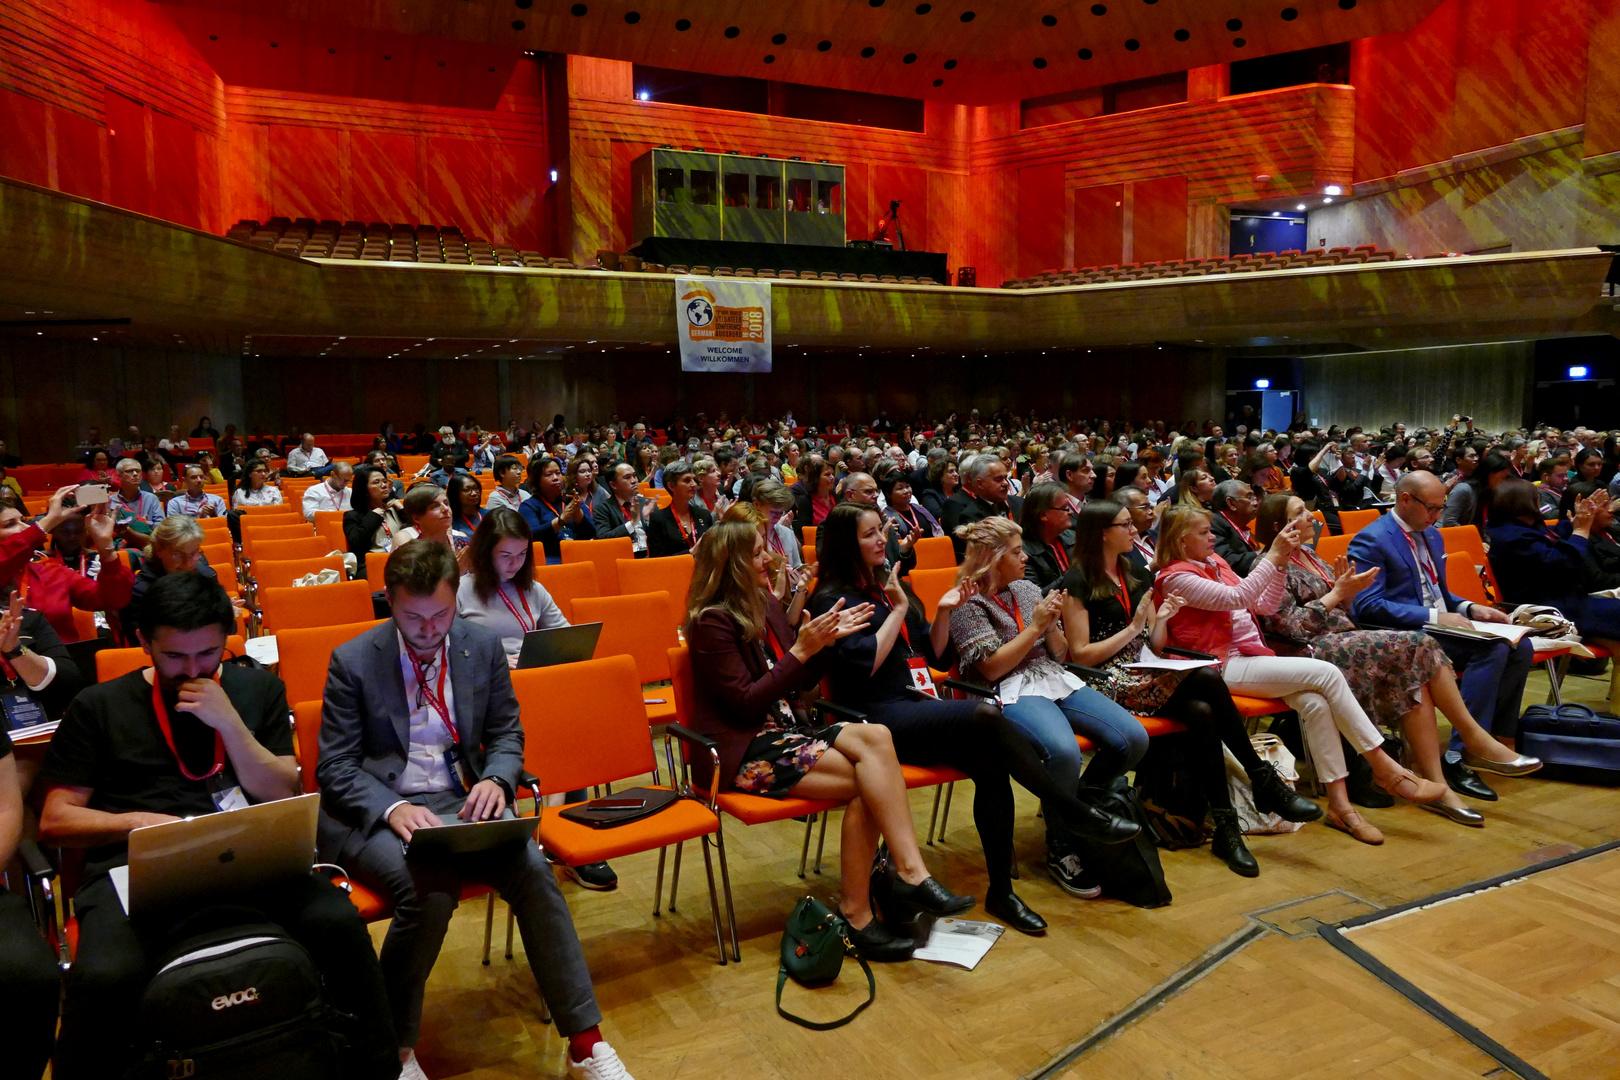 25. IAVE Welt-Freiwilligenkonferenz 2018 in Augsburg - Deutschland - 18.10.2018 Kongress am Park Foren - Foto: Christoph Urban - Freiwilligen-Zentrum Augsburg